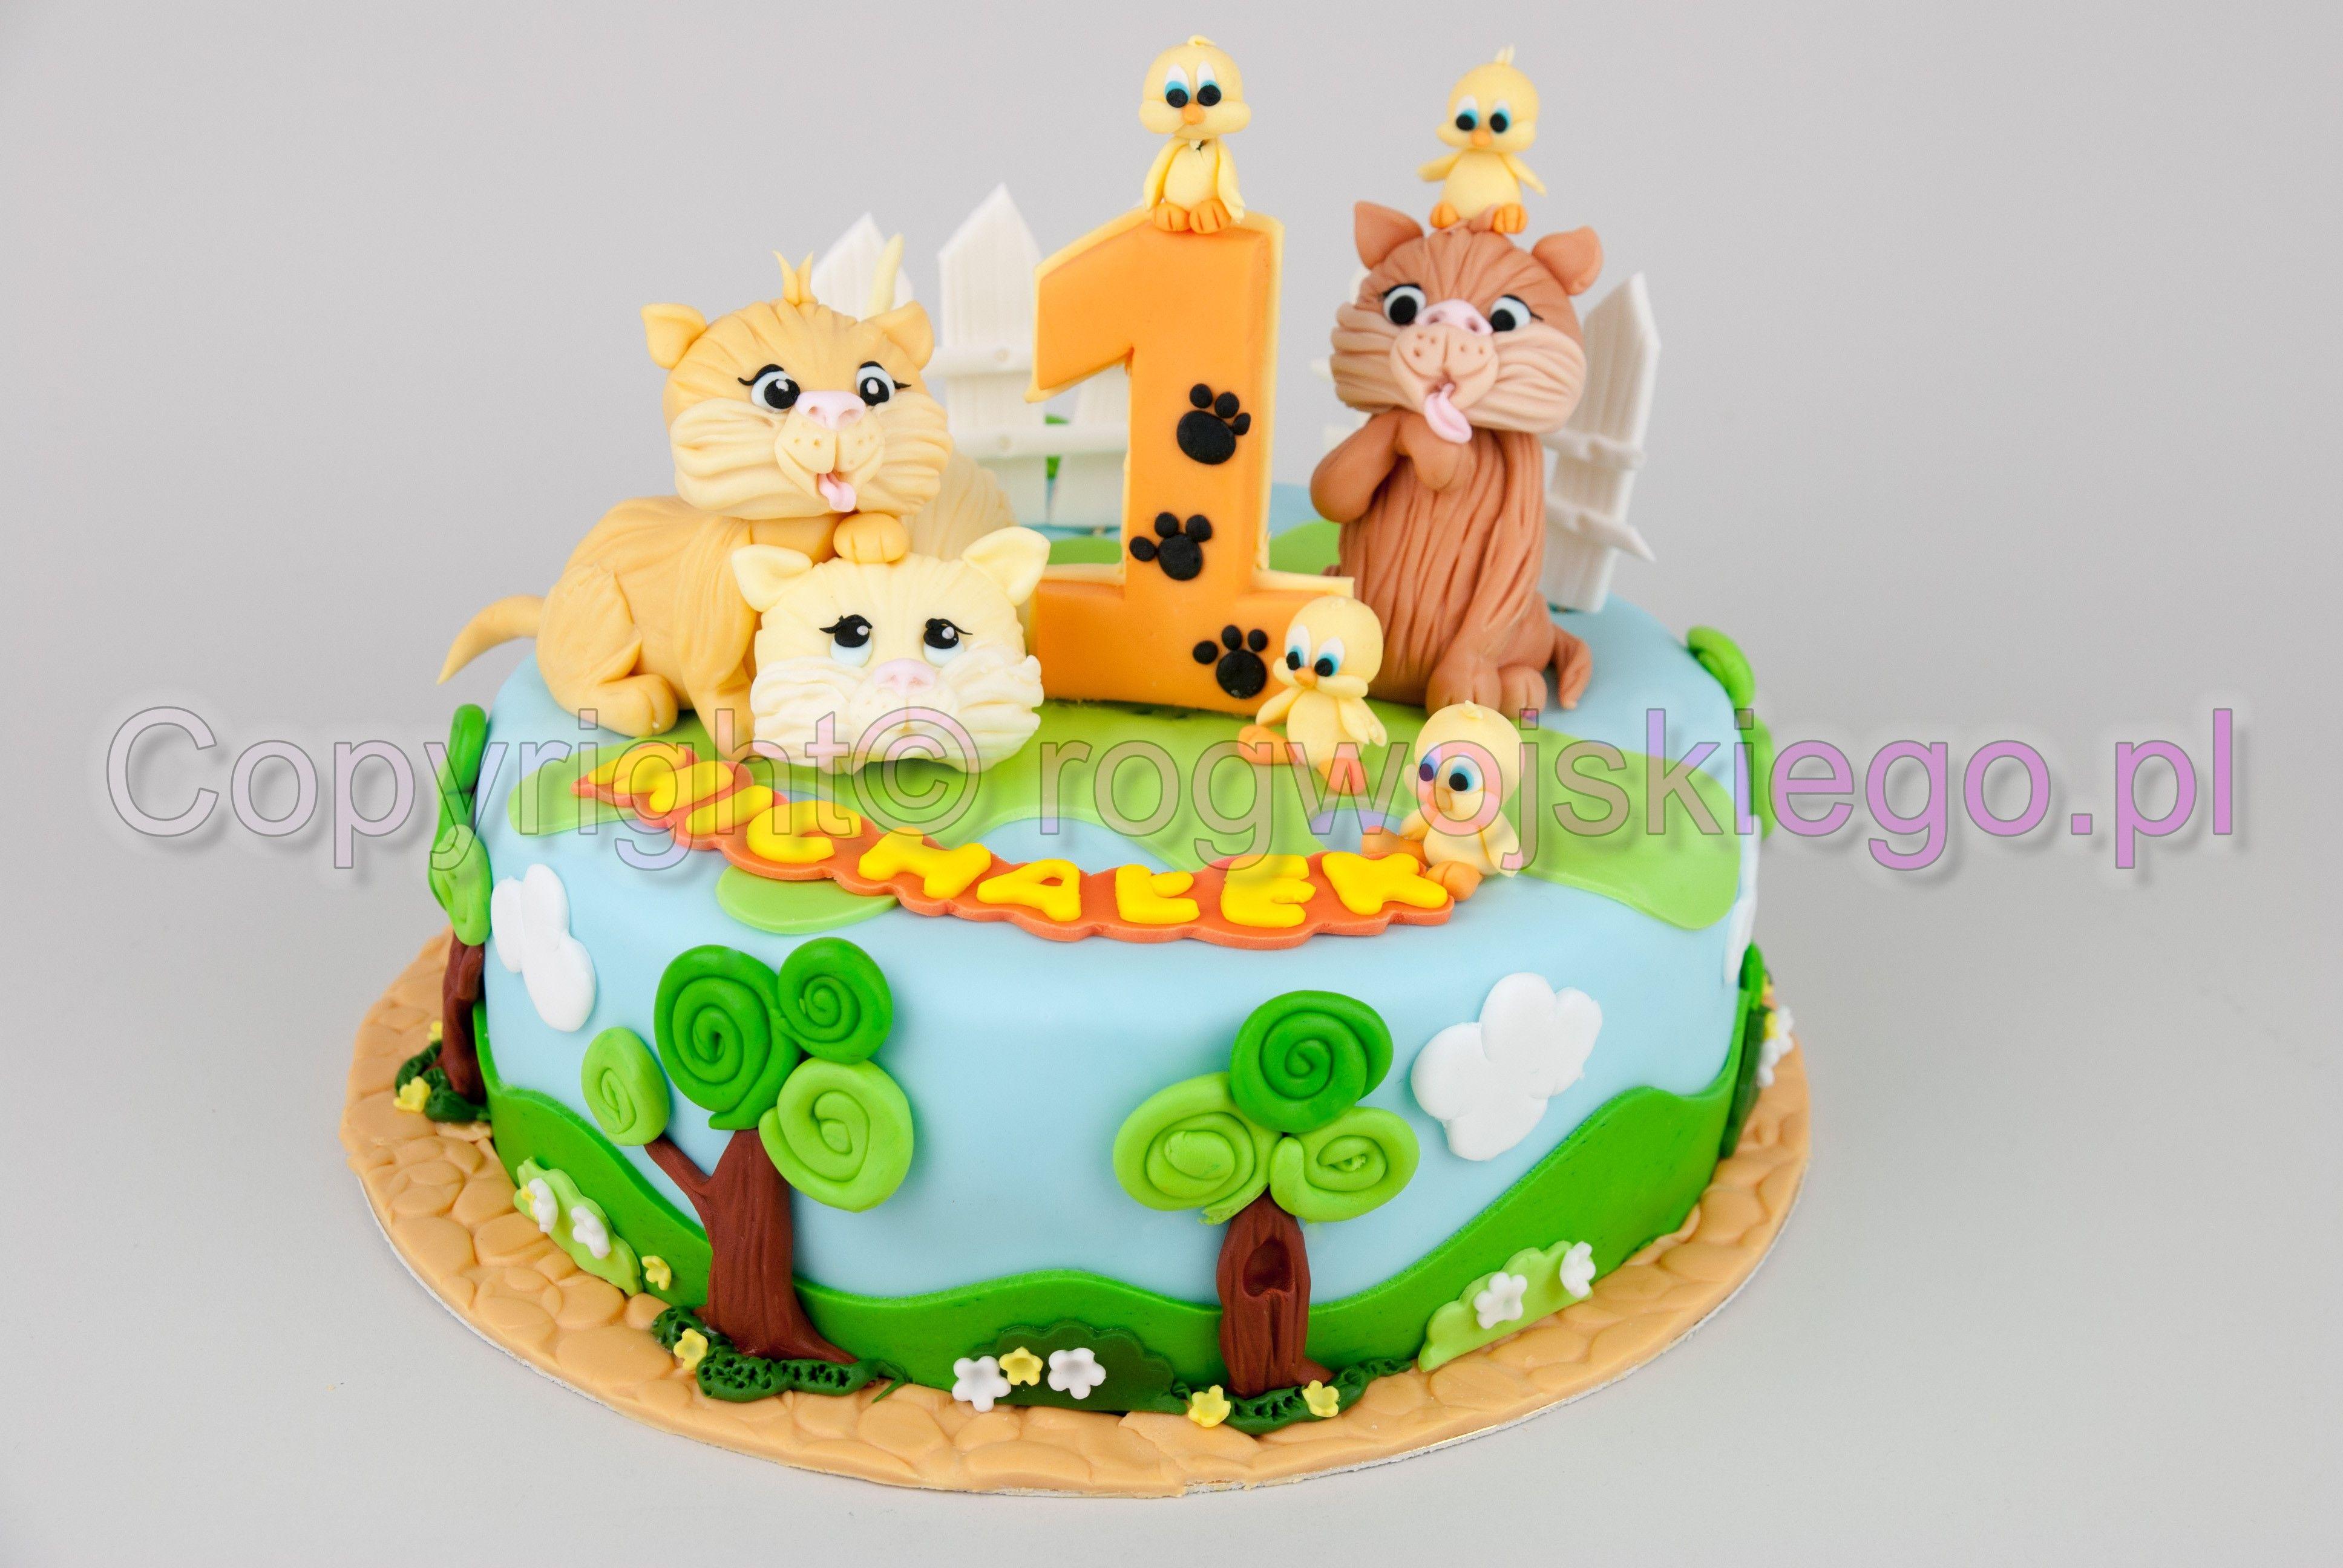 Tort Na Roczek 1st Birthday Cake Gdansk Siedlce Chelm Wrzeszcz Oliwa Zaspa Morena Www Rogwojskiego Pl Farm Cake Cake Desserts